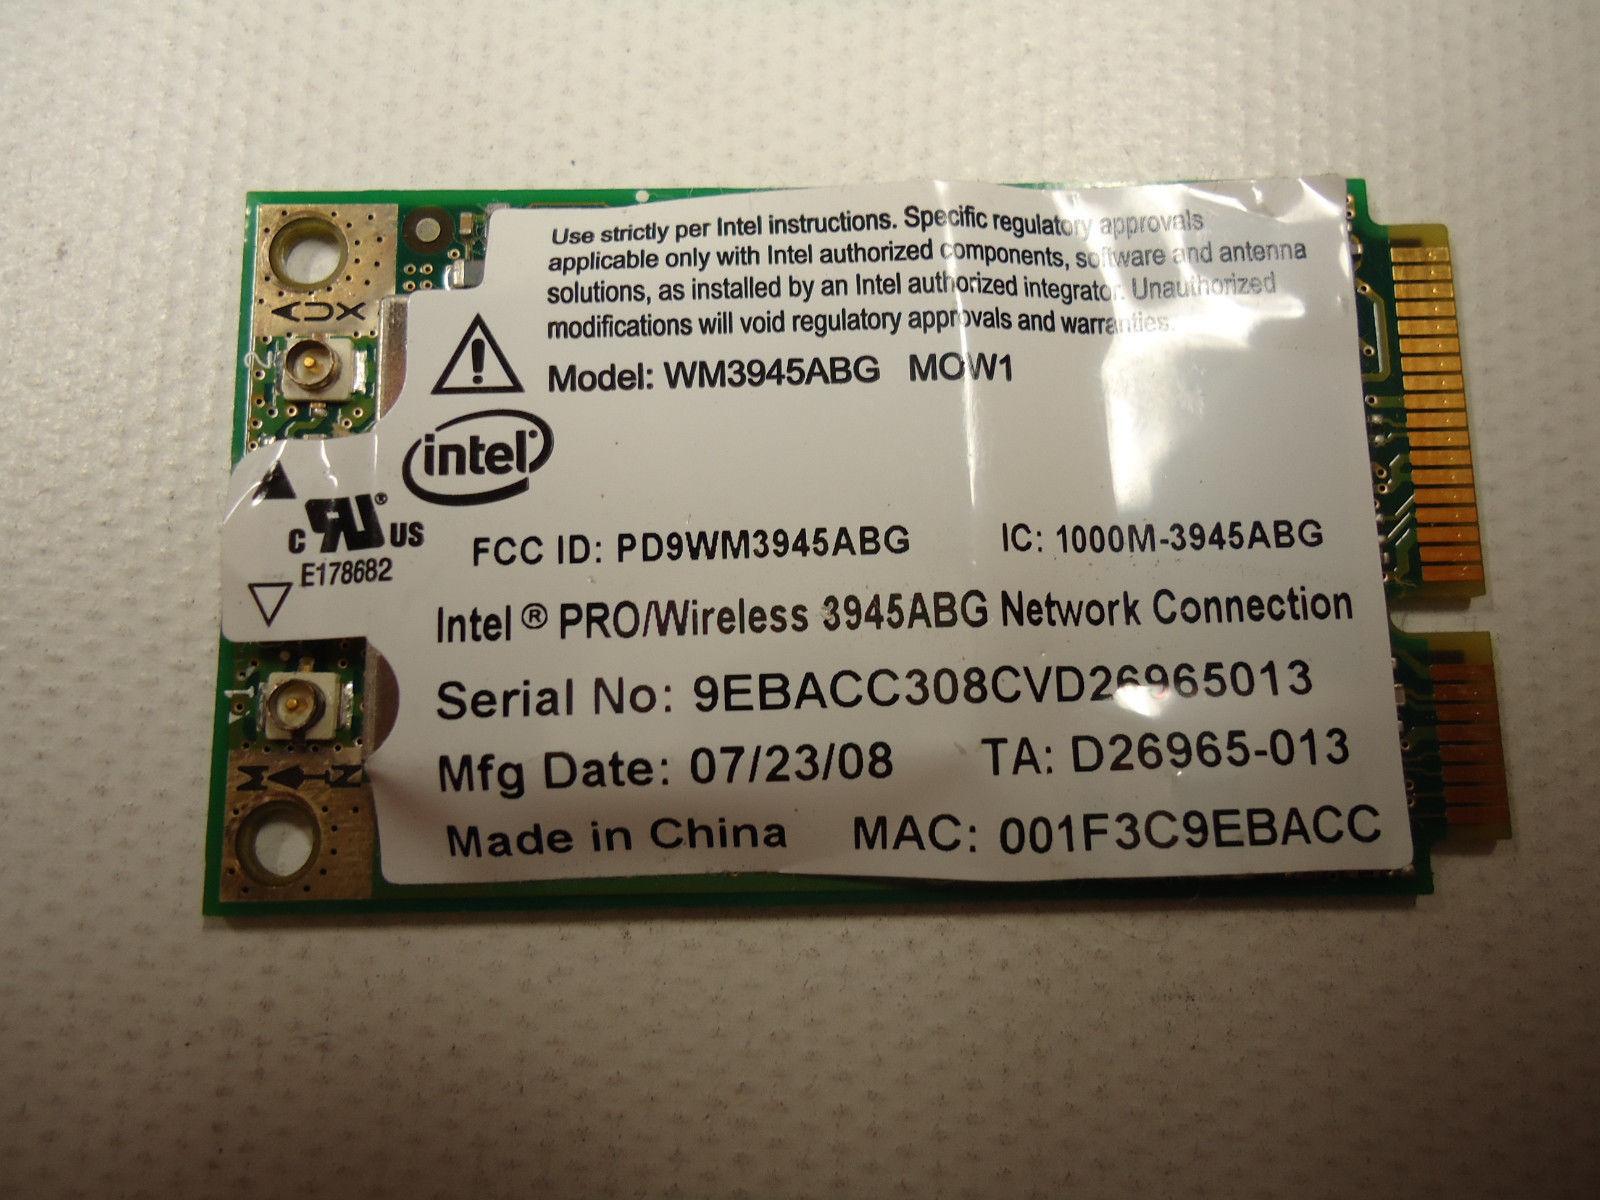 Intel Pro WM3945ABG MOW1 Wireless 802.11 bgn Mini PCIE Card